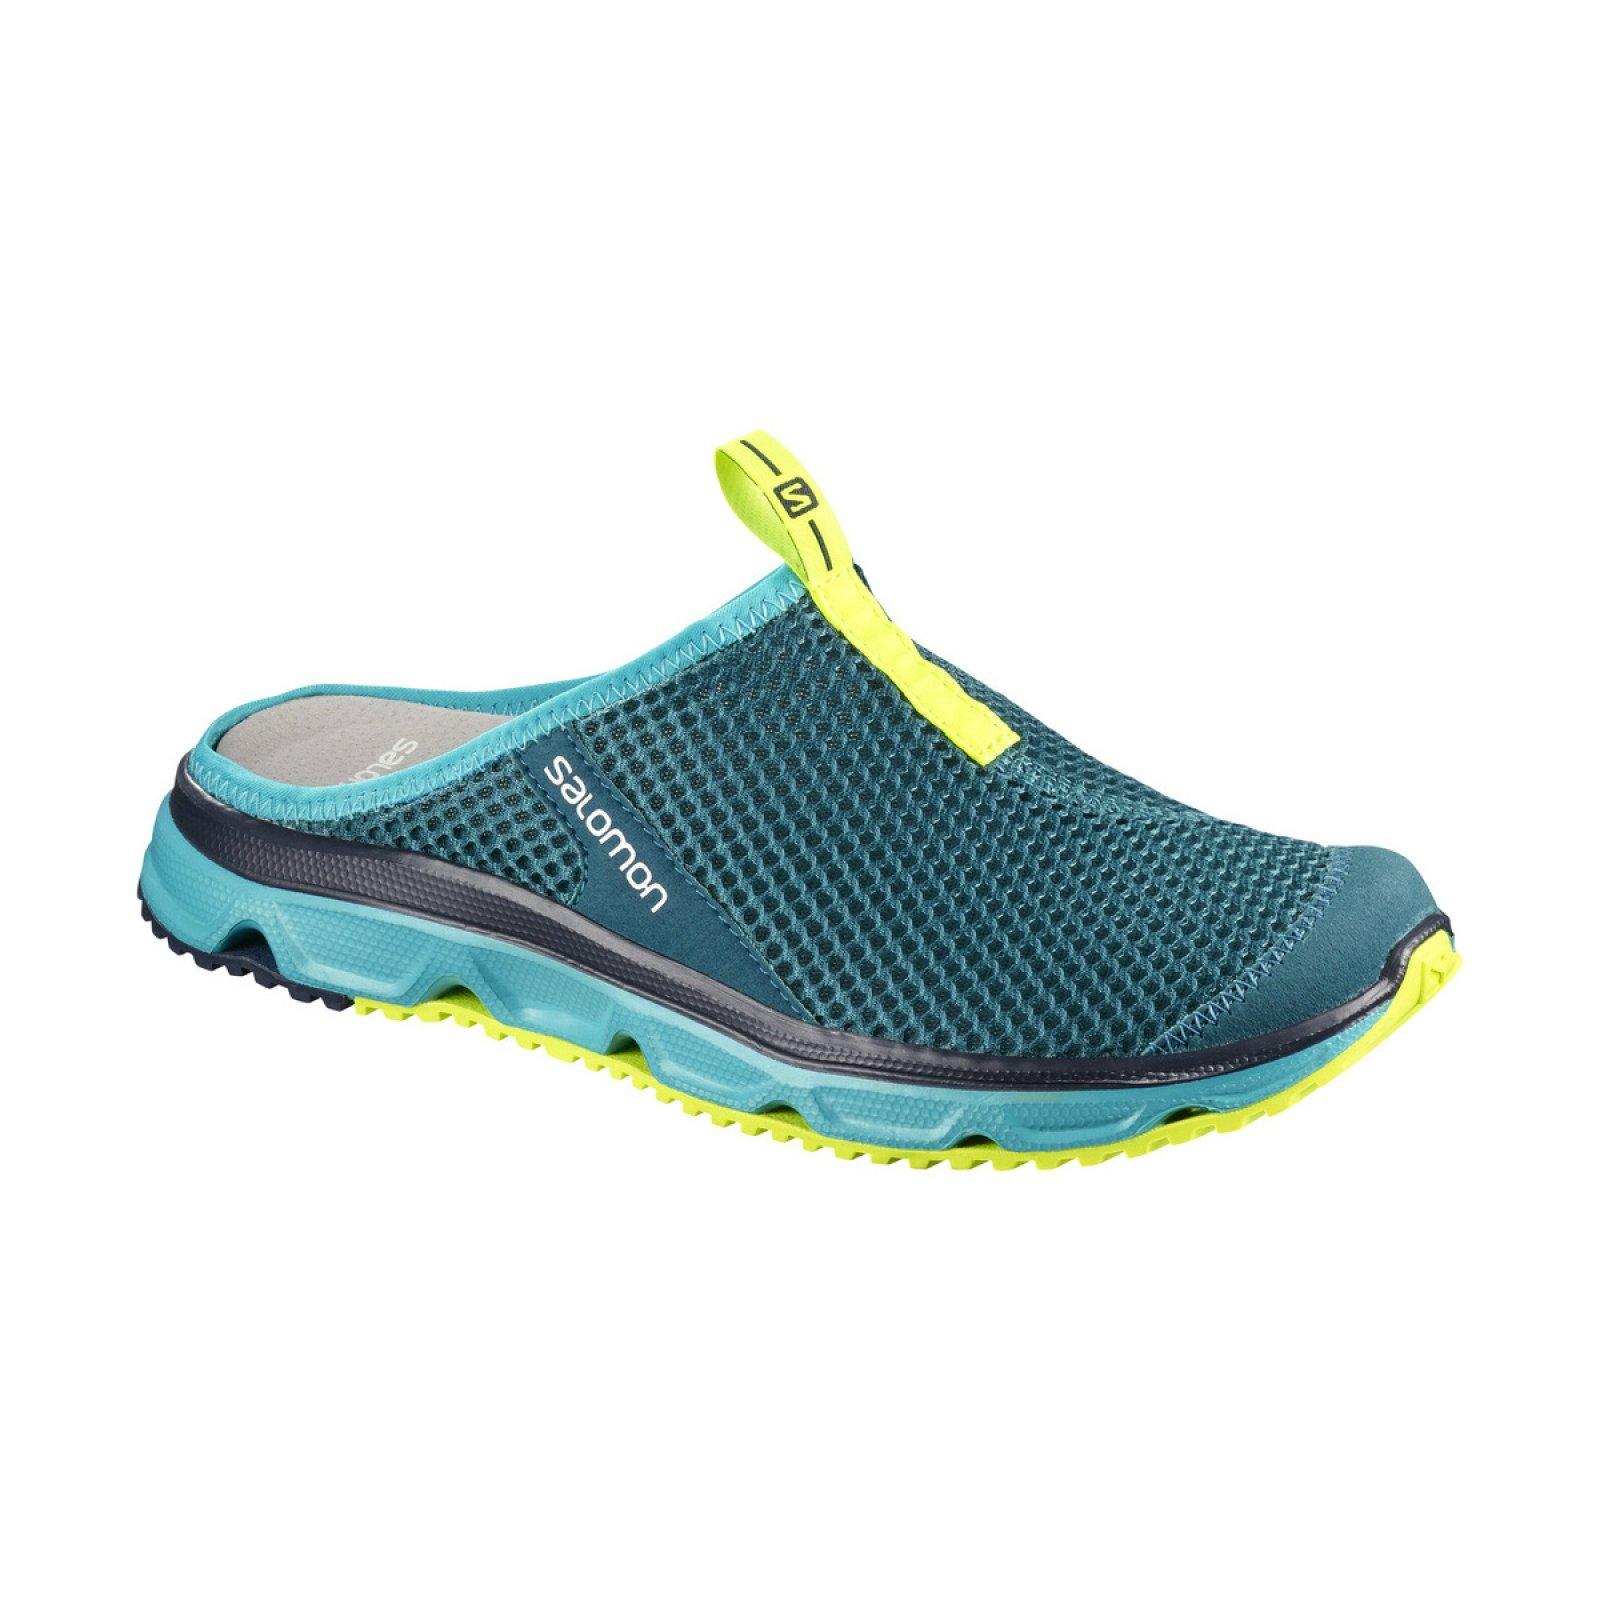 Pantofle Salomon RX Slide 3.0 W L40145500 - Actisport.cz bc2c2de3af